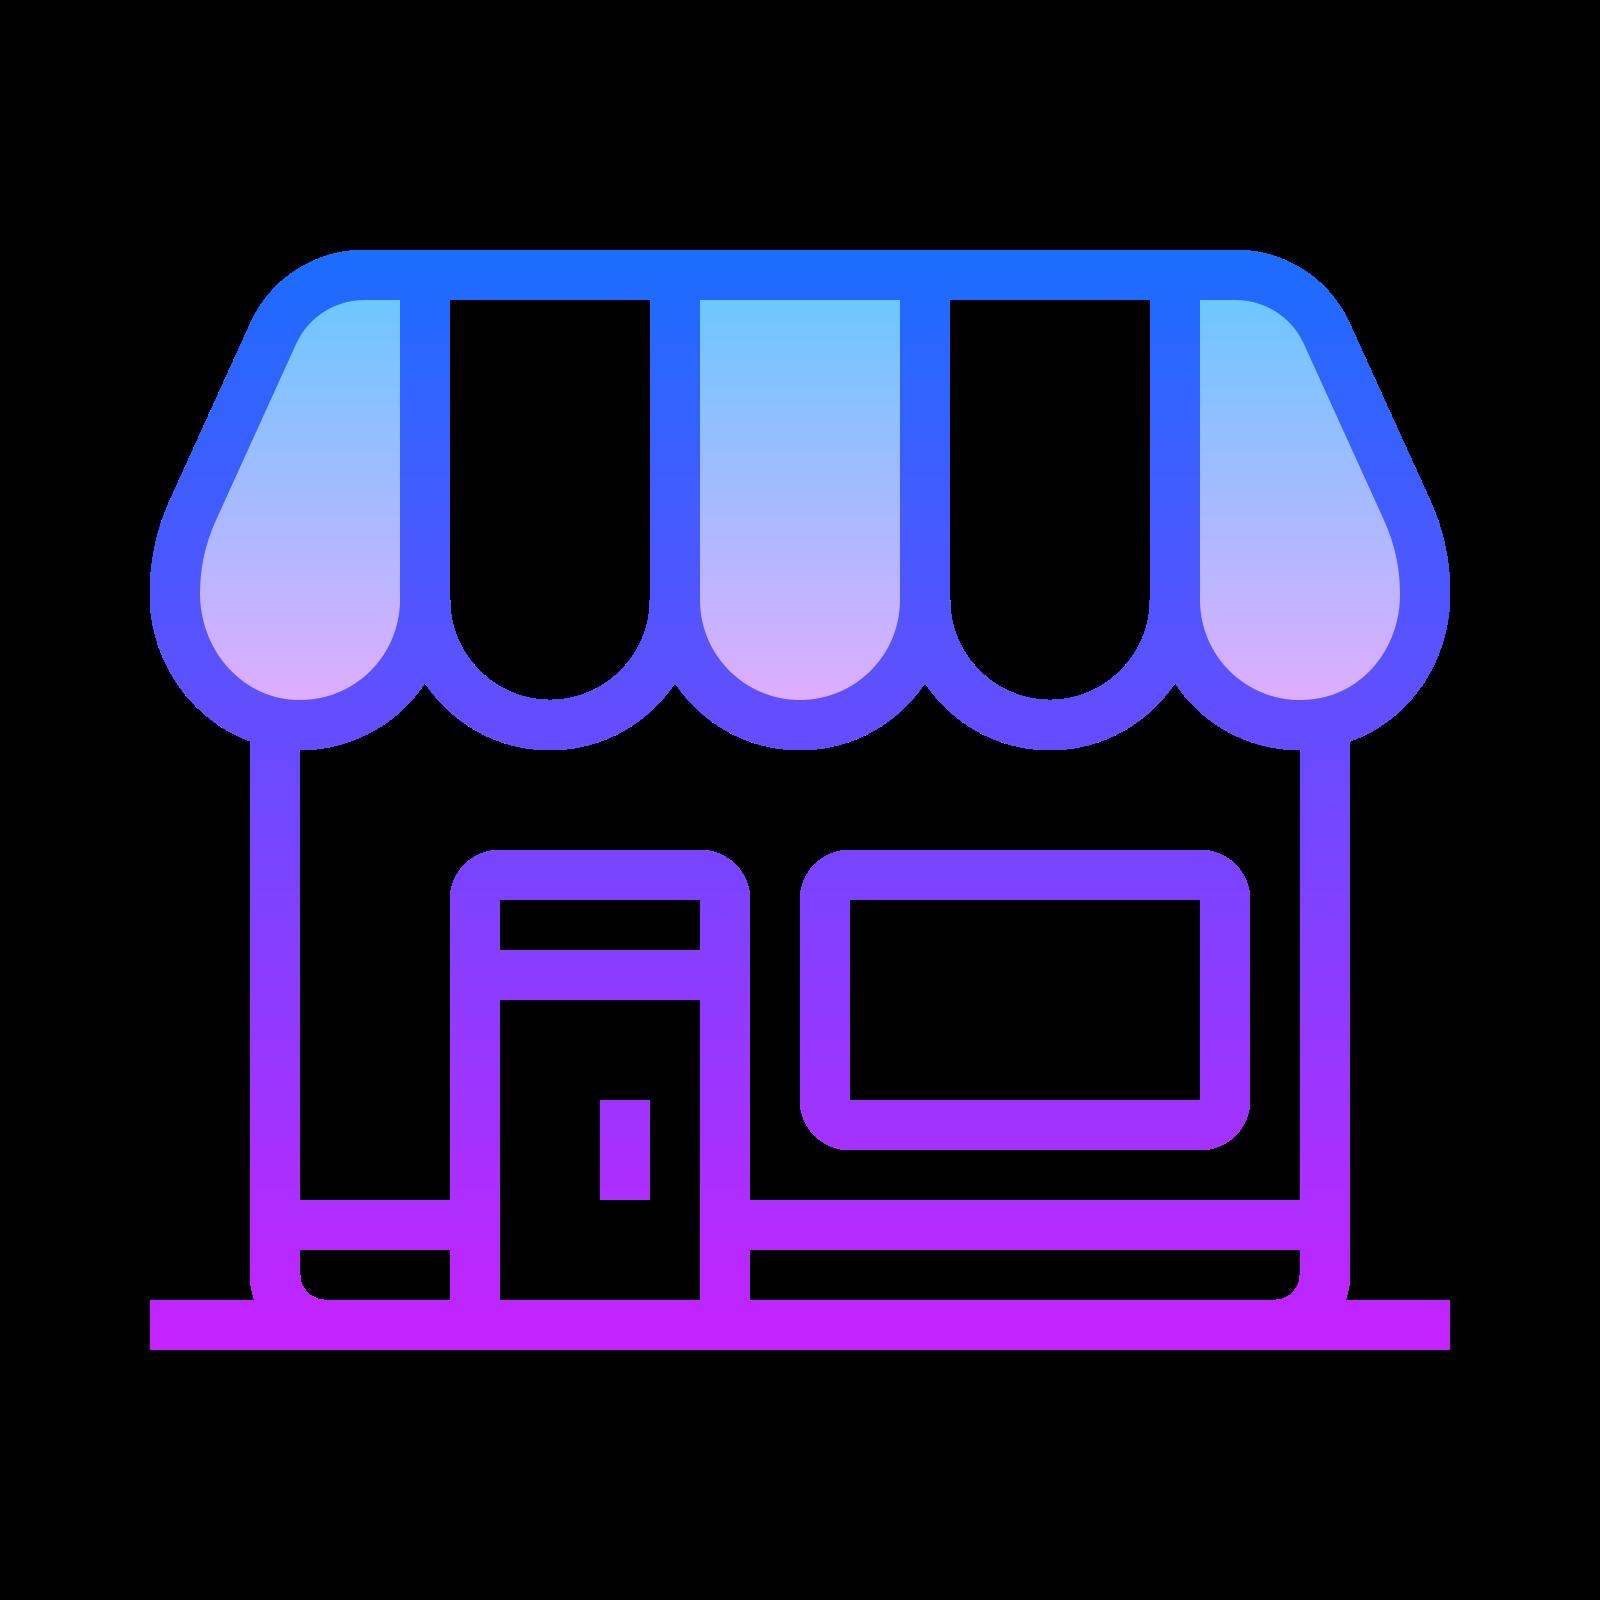 О нашем интернет-магазине